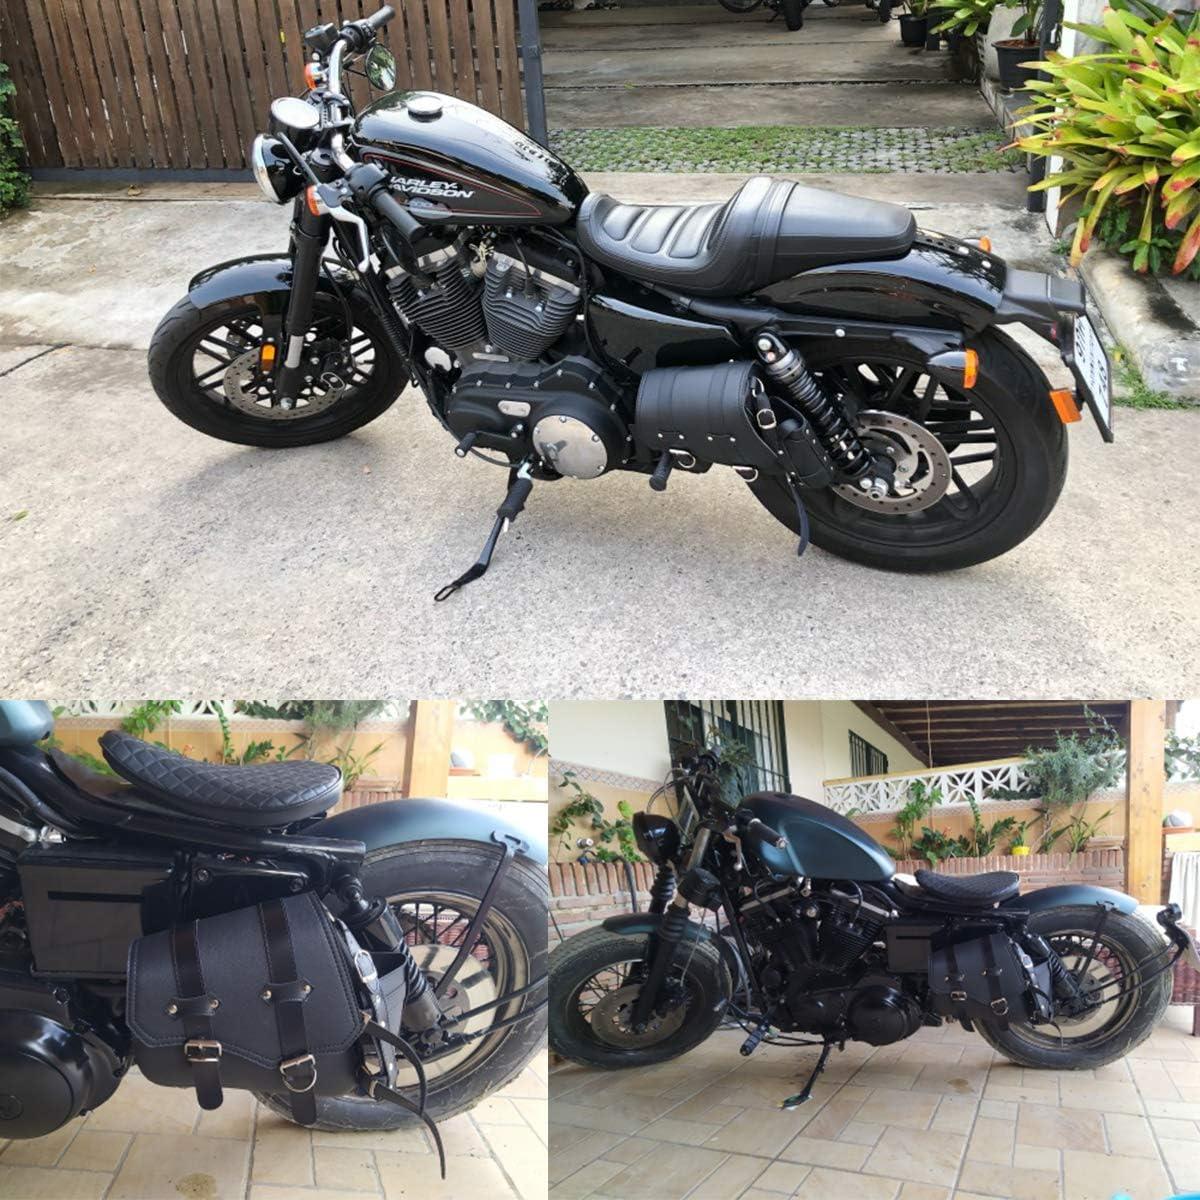 Sacoche de Selle de Moto Universelle en Cuir Synth/étique Pour Harely Honda Suzuki Kawasaki Yamaha C/ôt/é gauche